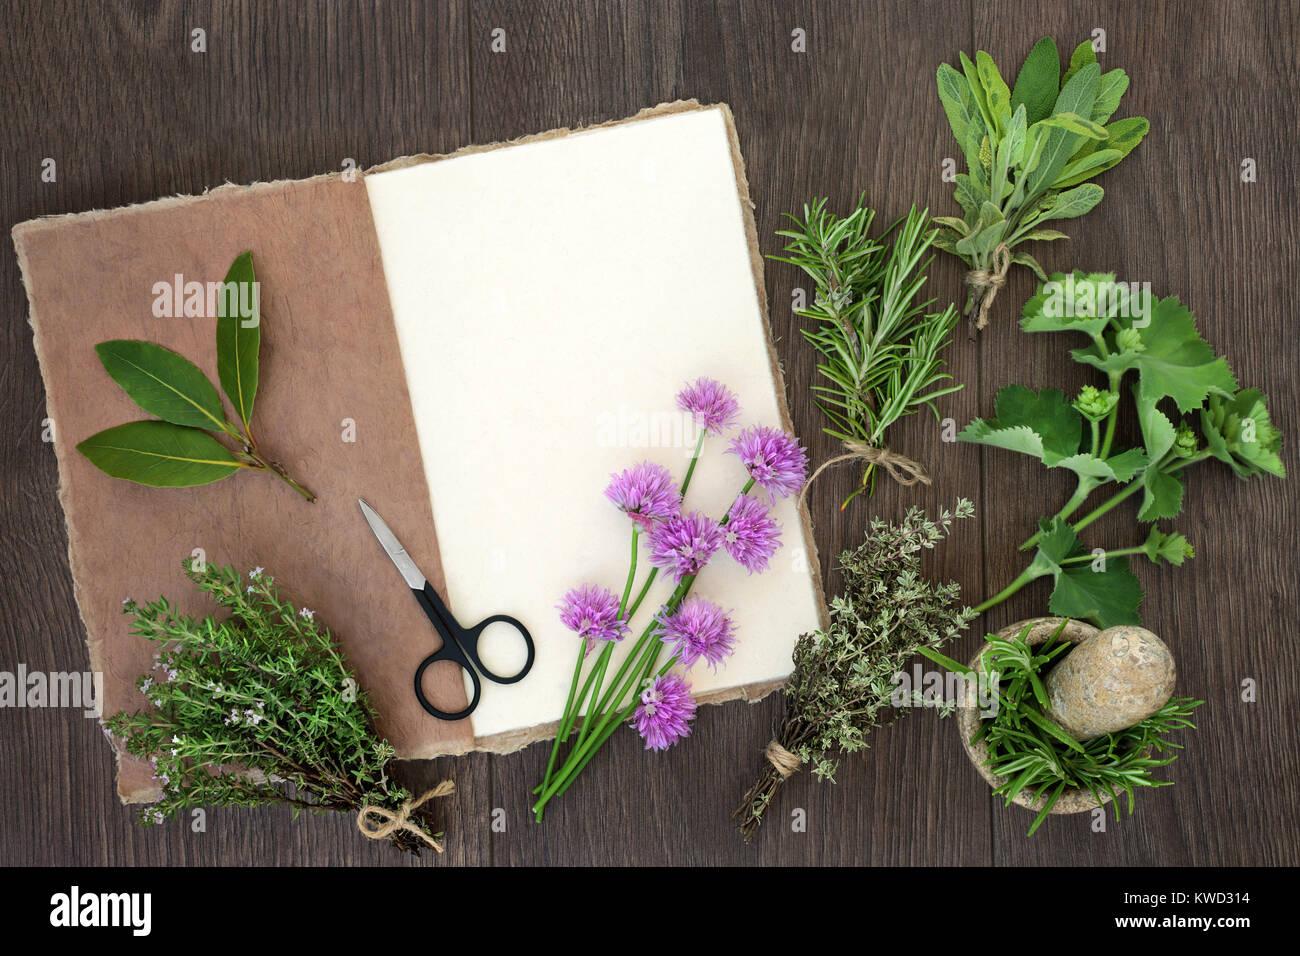 Frische Kräuter Zum Trocknen Mit Natürlichen Hanf Notizbuch Aus